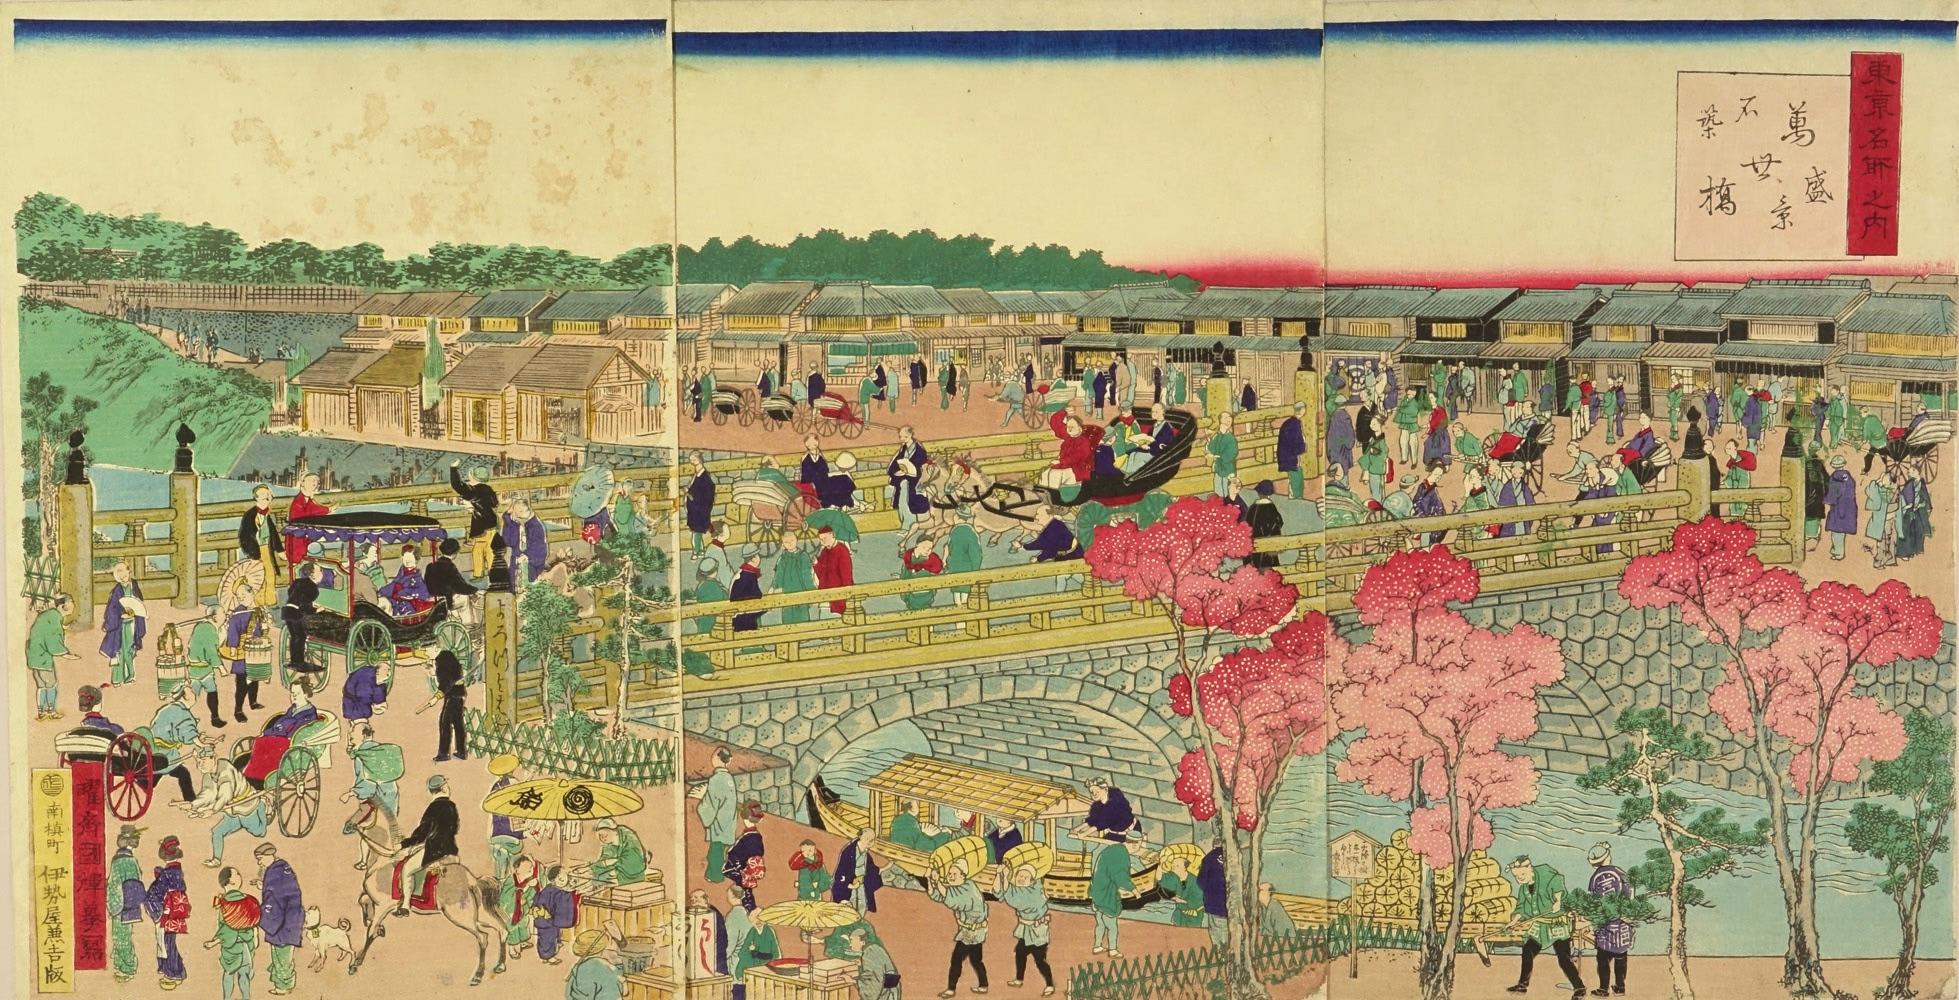 KUNITERU II <i>Ishi zukuri Manseibashi shokei</i> (Prosperity of stone built Mansei Bridge), from <i>Tokyo meisho no uchi</i> (Famous places of Edo)